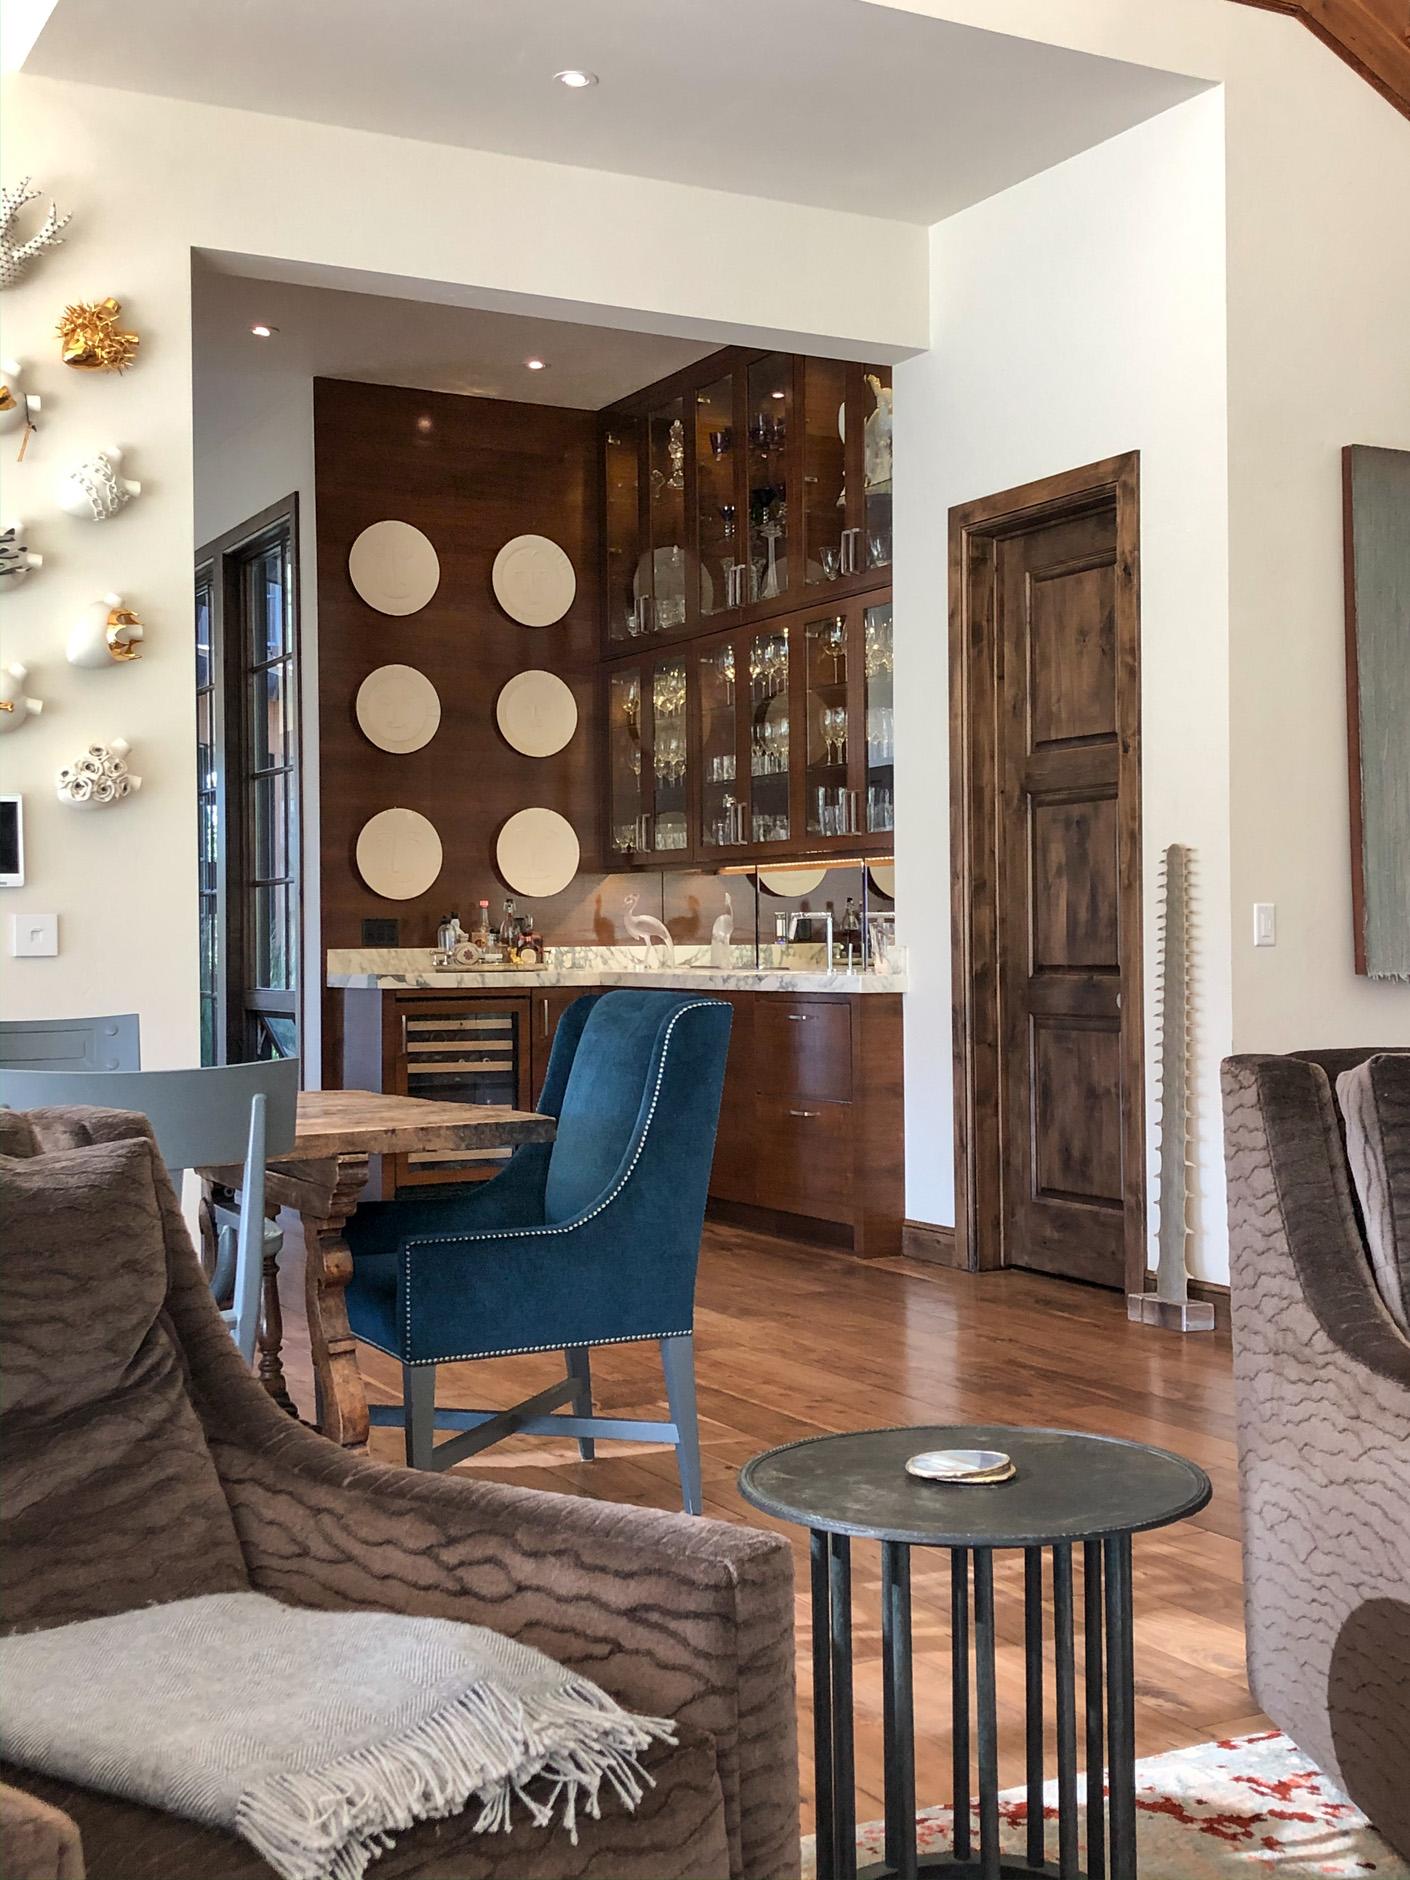 Antonios Bella Casa - Interior Design, interior design by Tony Buccola